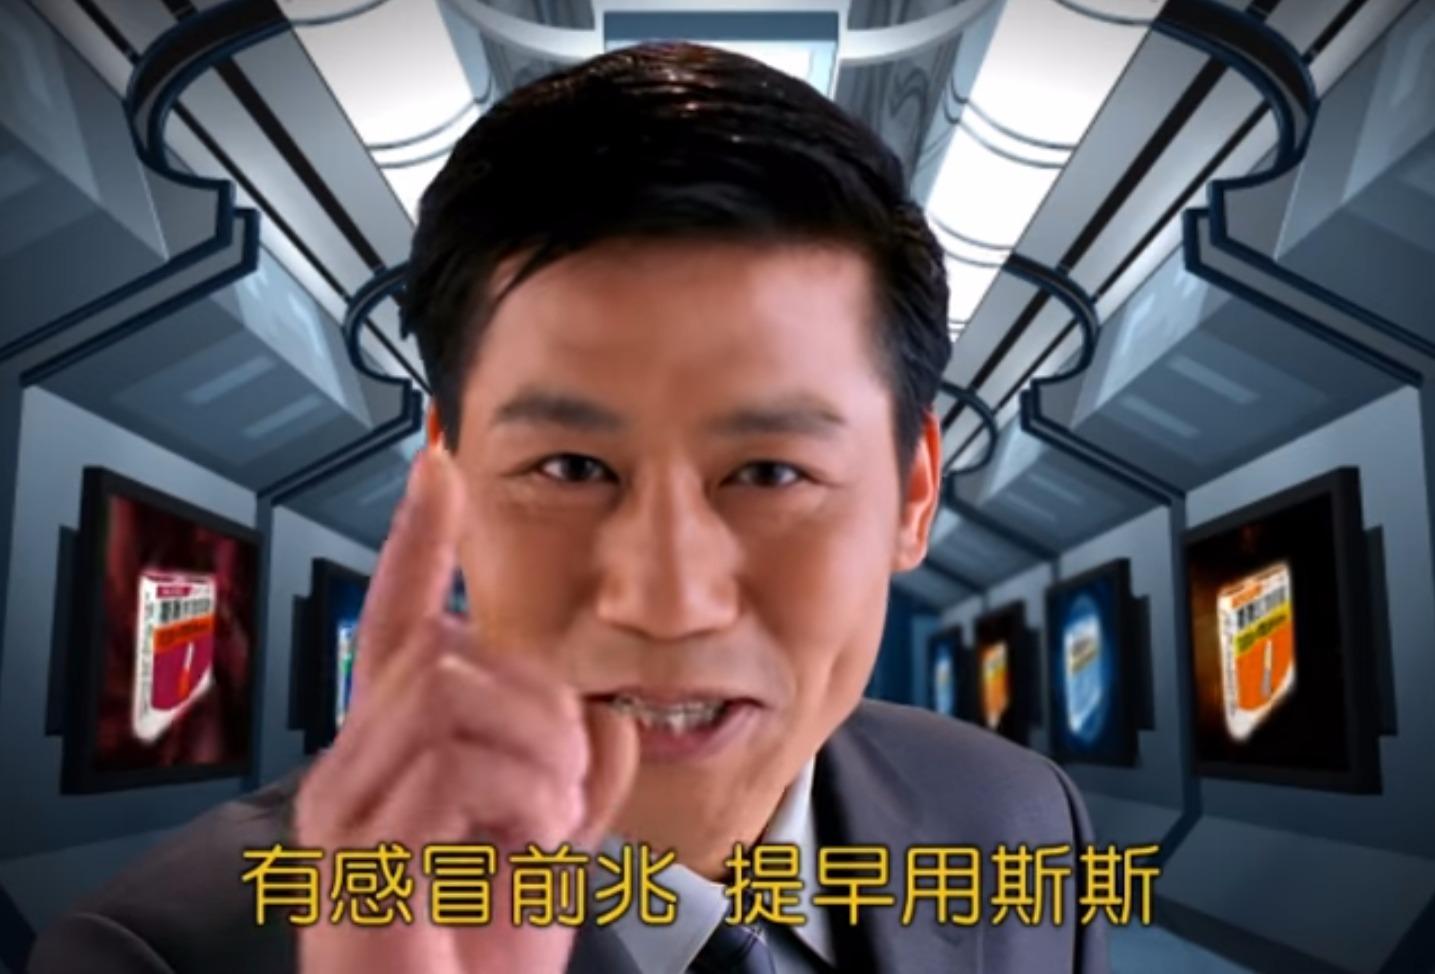 沒錯!就是這個洗腦臺灣人13年的廣告! 經過了十多年,金馬獎廣告時還在播,而且不分國籍、不分成長環境,同樣的洗腦~